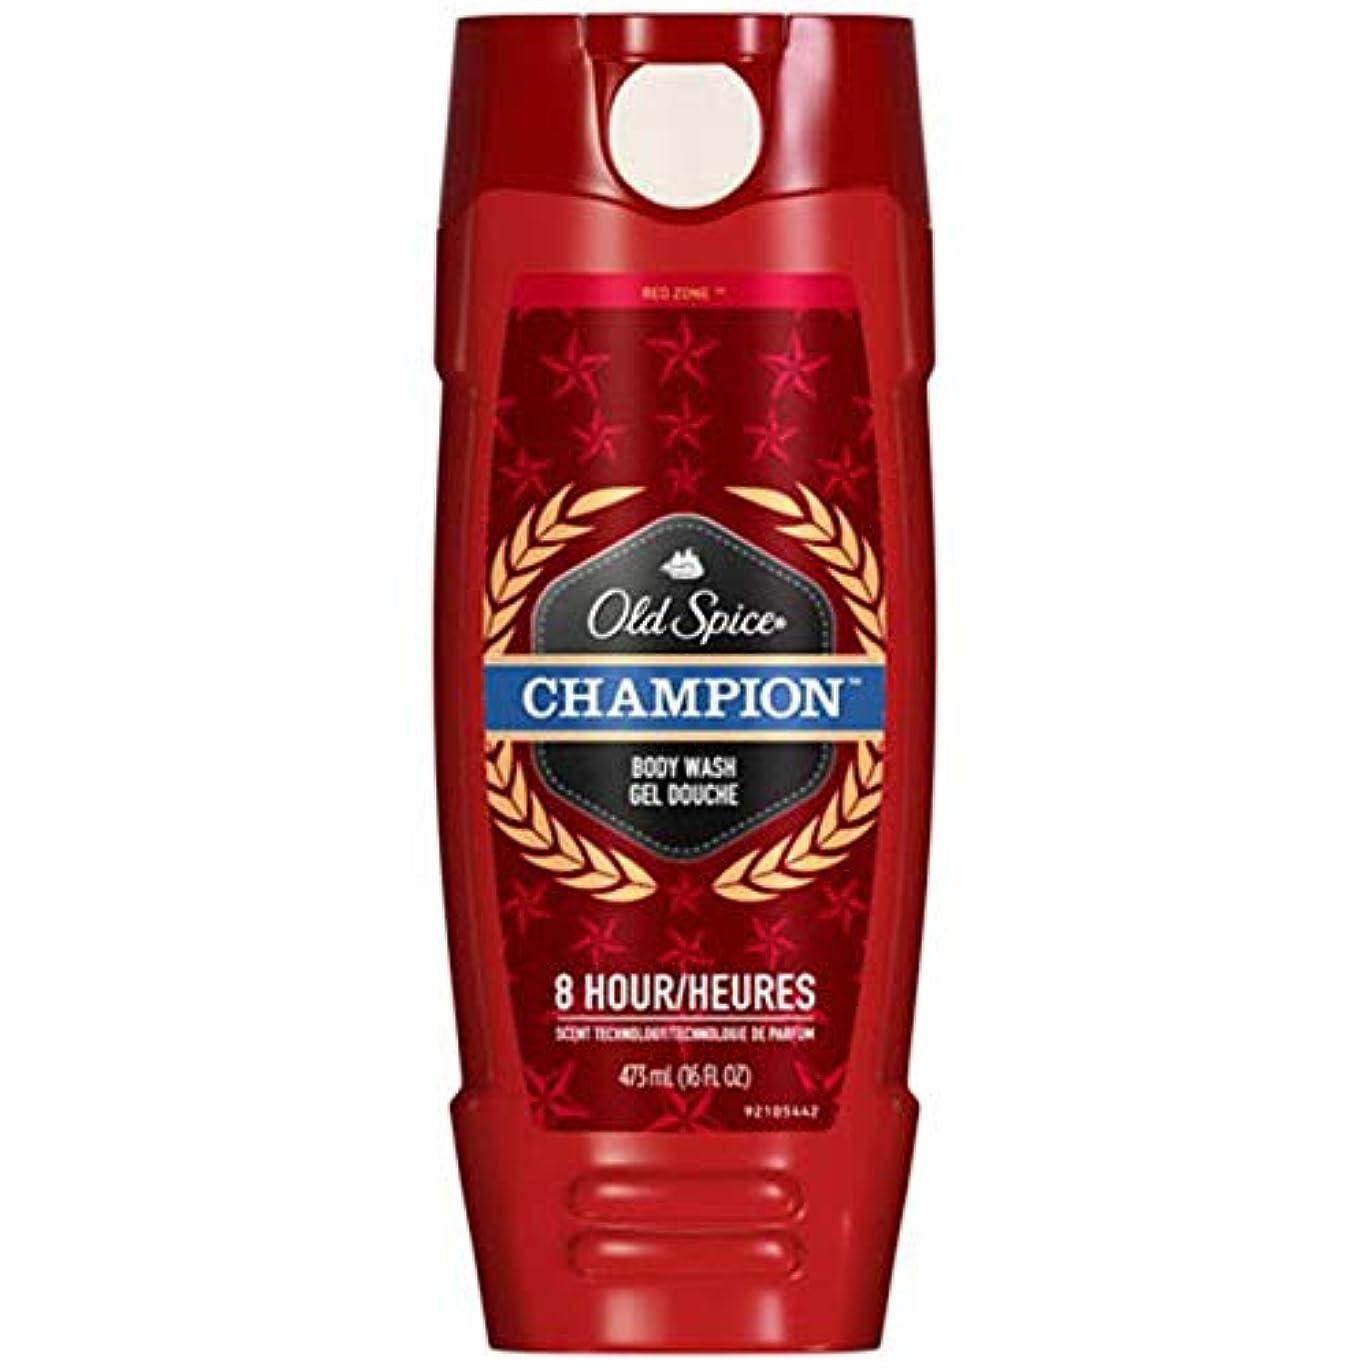 刑務所氏ピンポイントOld Spice オールドスパイス ボディーウォッシュジェル Red Zone Body Wash GEL 473ml 並行輸入品 (CHAMPION/チャンピオン) [並行輸入品]